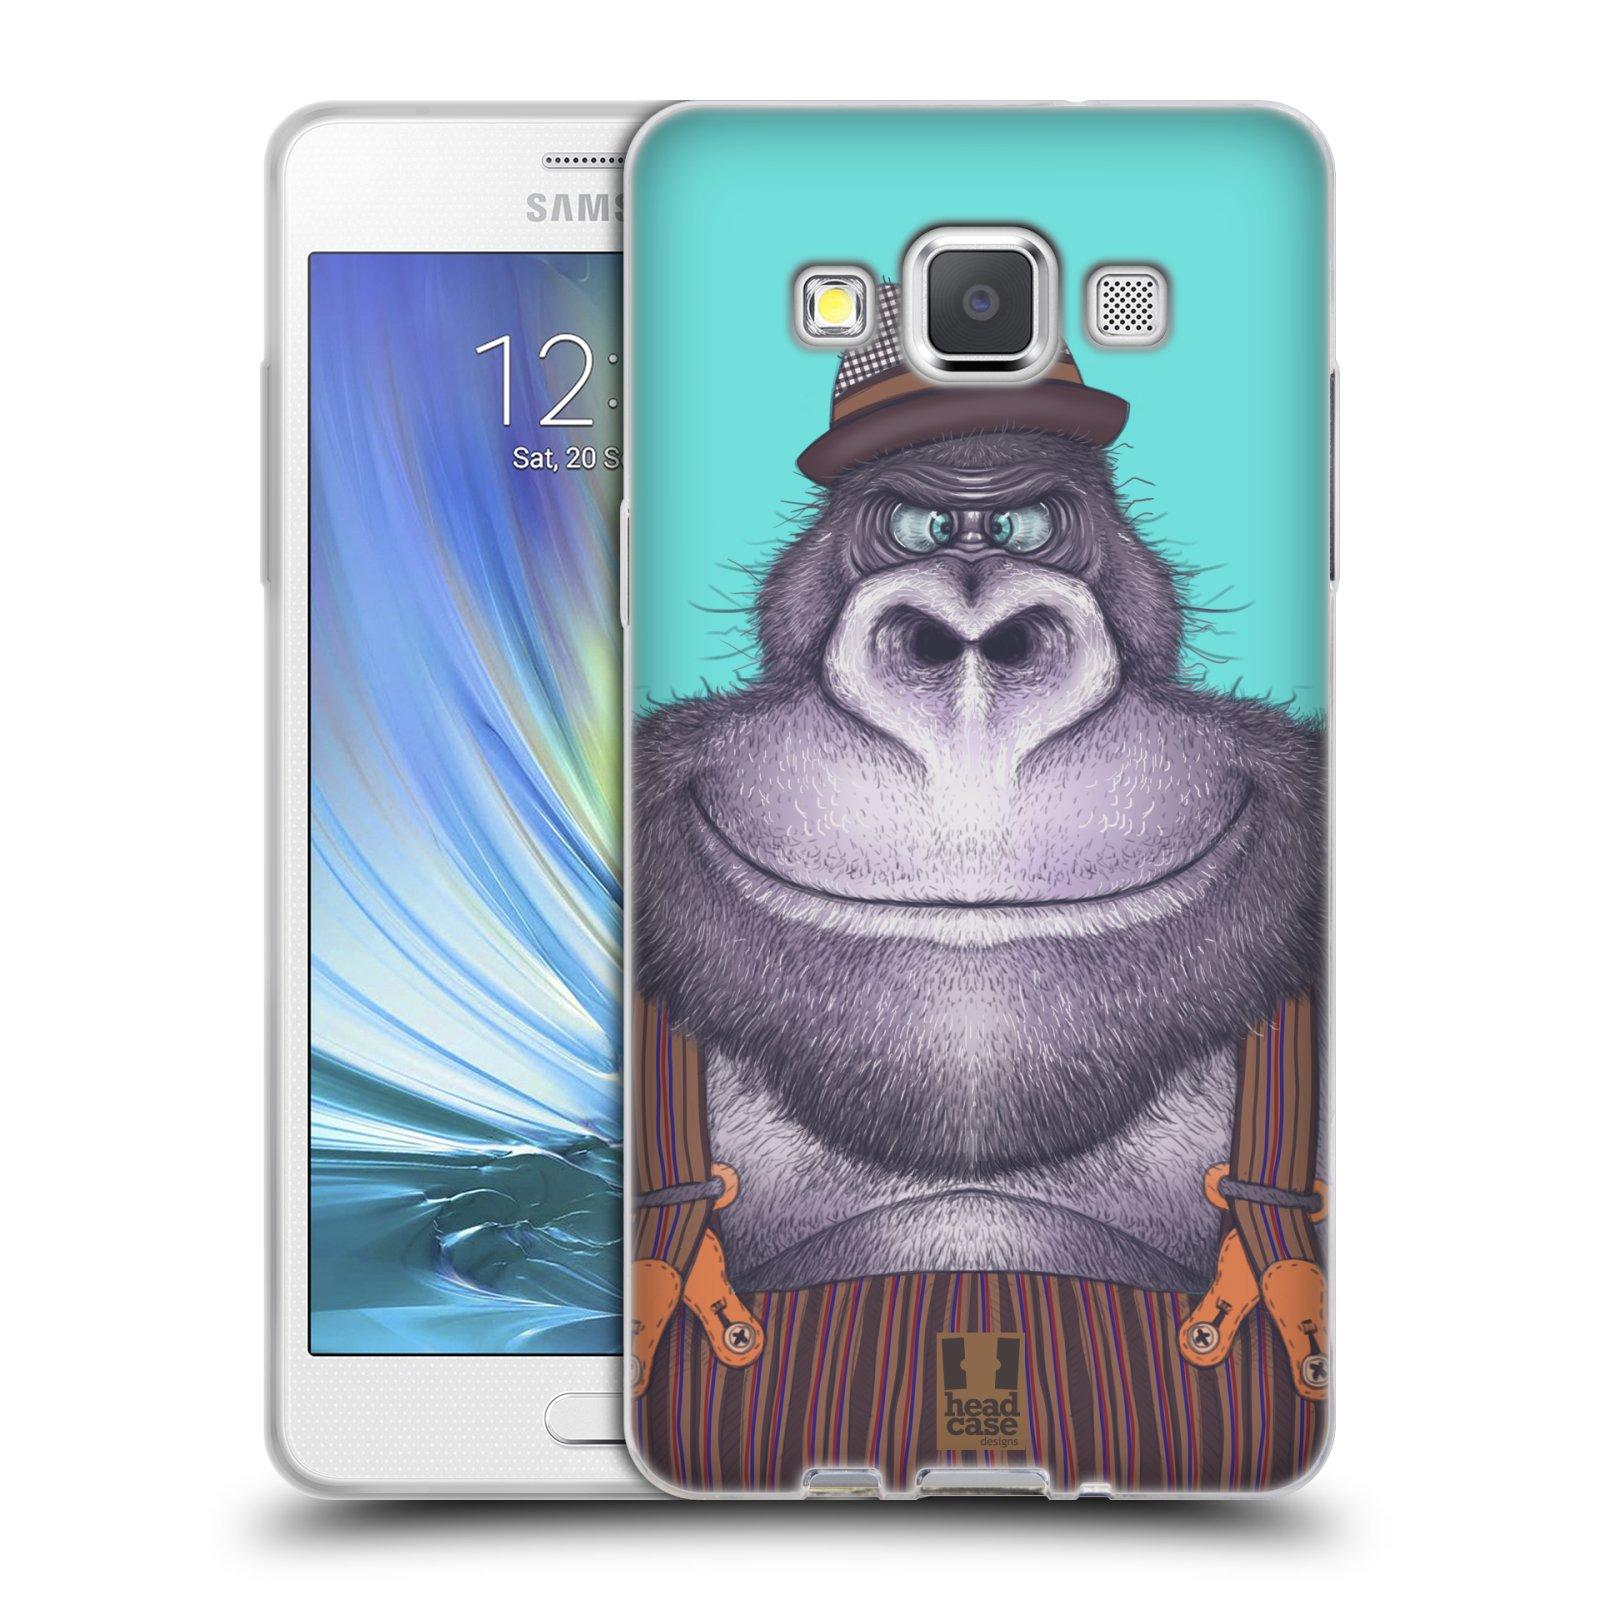 HEAD CASE silikonový obal na mobil Samsung Galaxy A5 vzor Kreslená zvířátka gorila